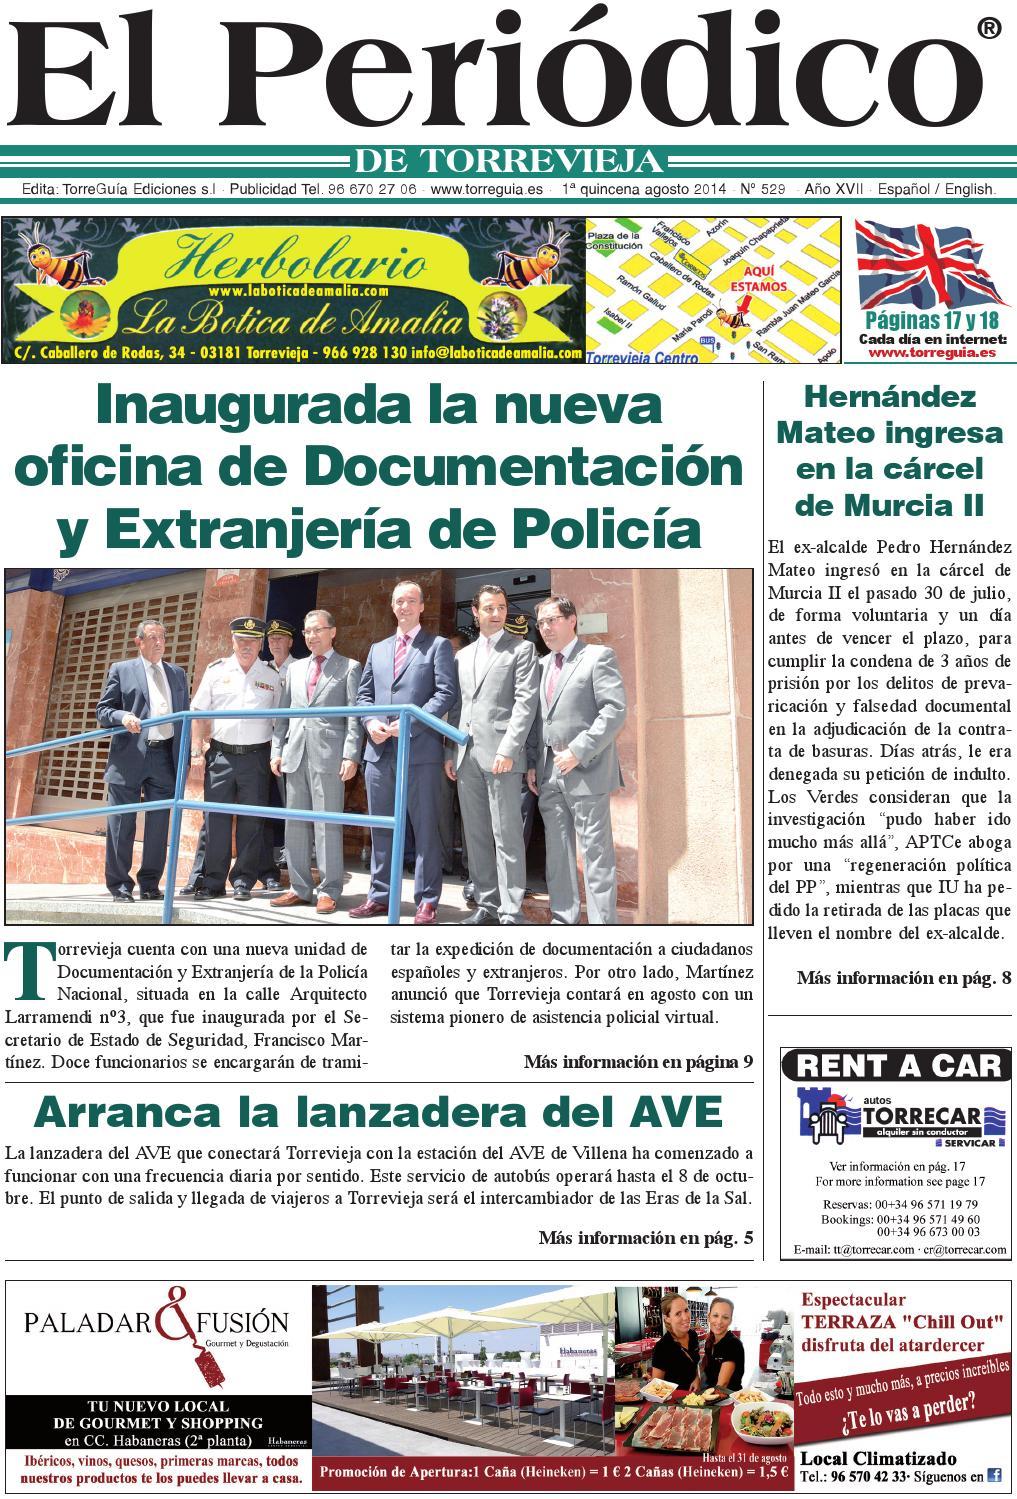 Issuu el peri dico de torrevieja n 529 by torregu a for Oficina extranjeria murcia